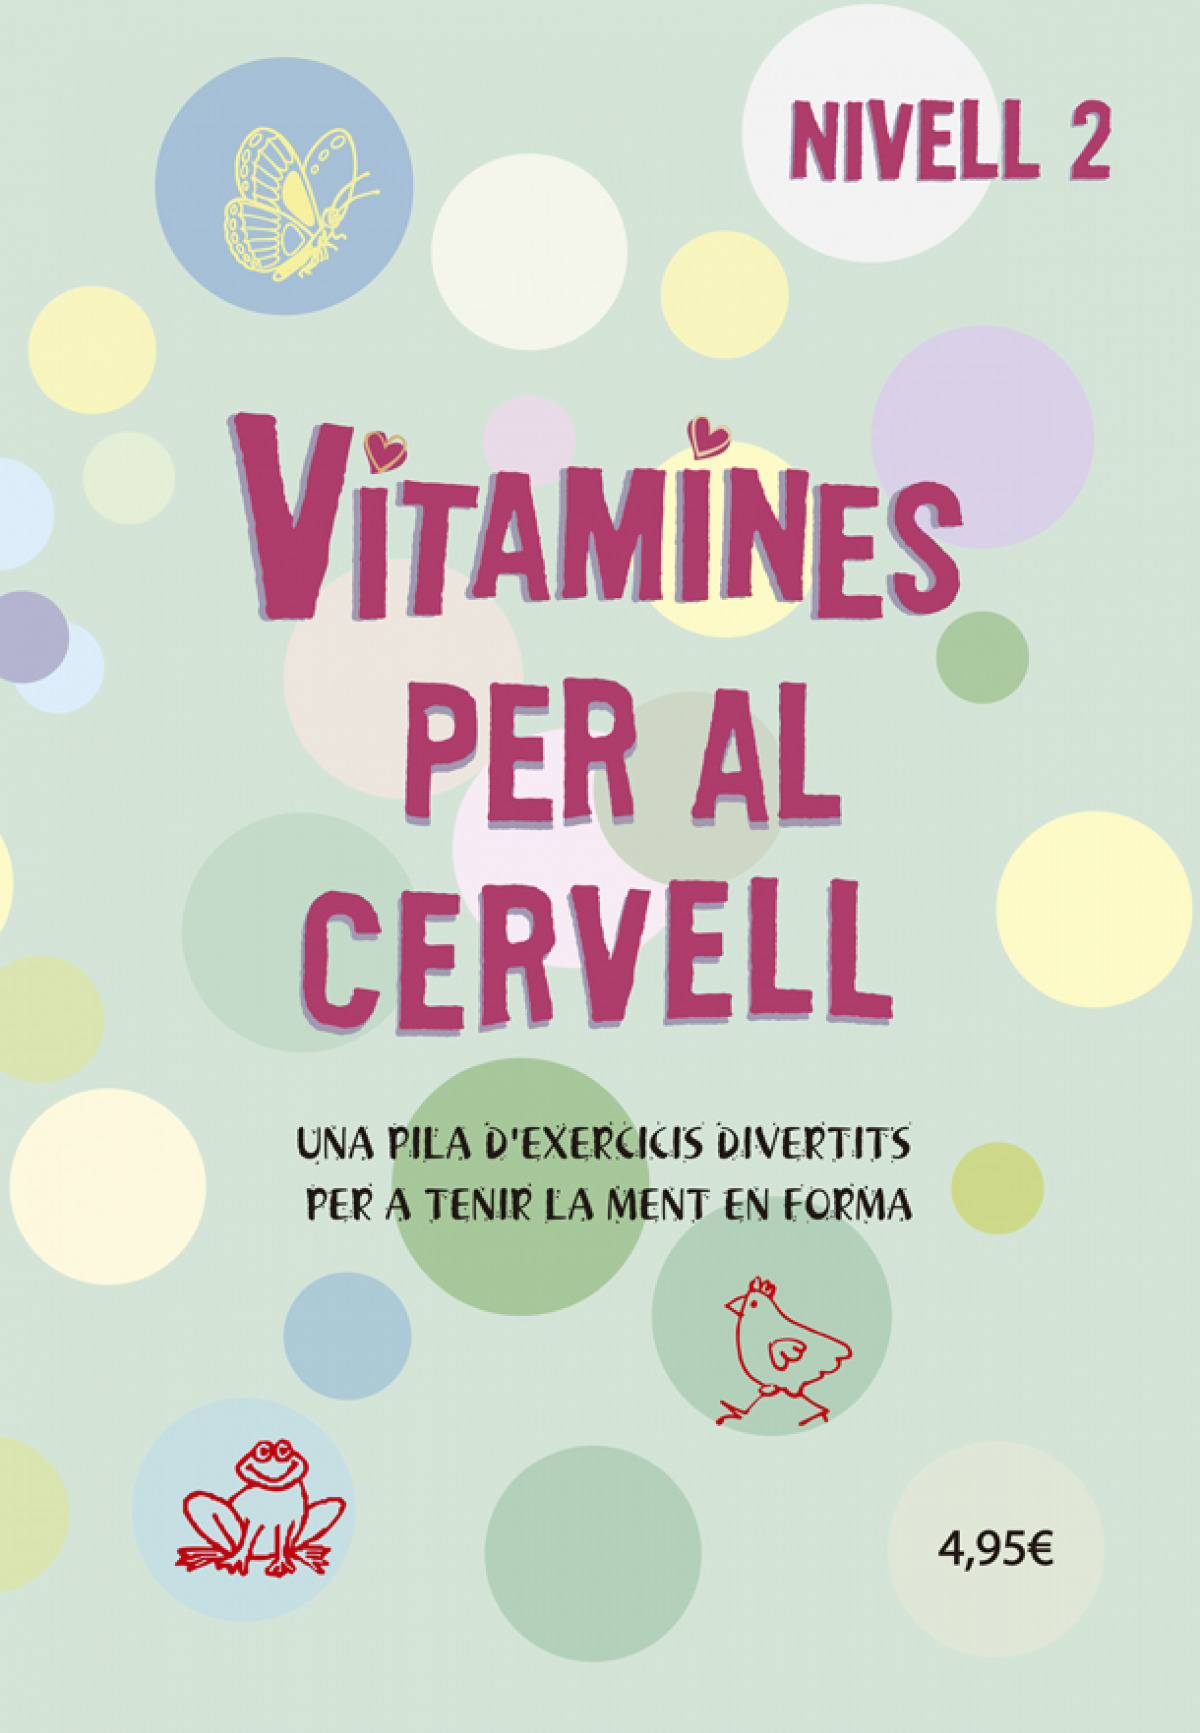 Vitamines per al cervell 2